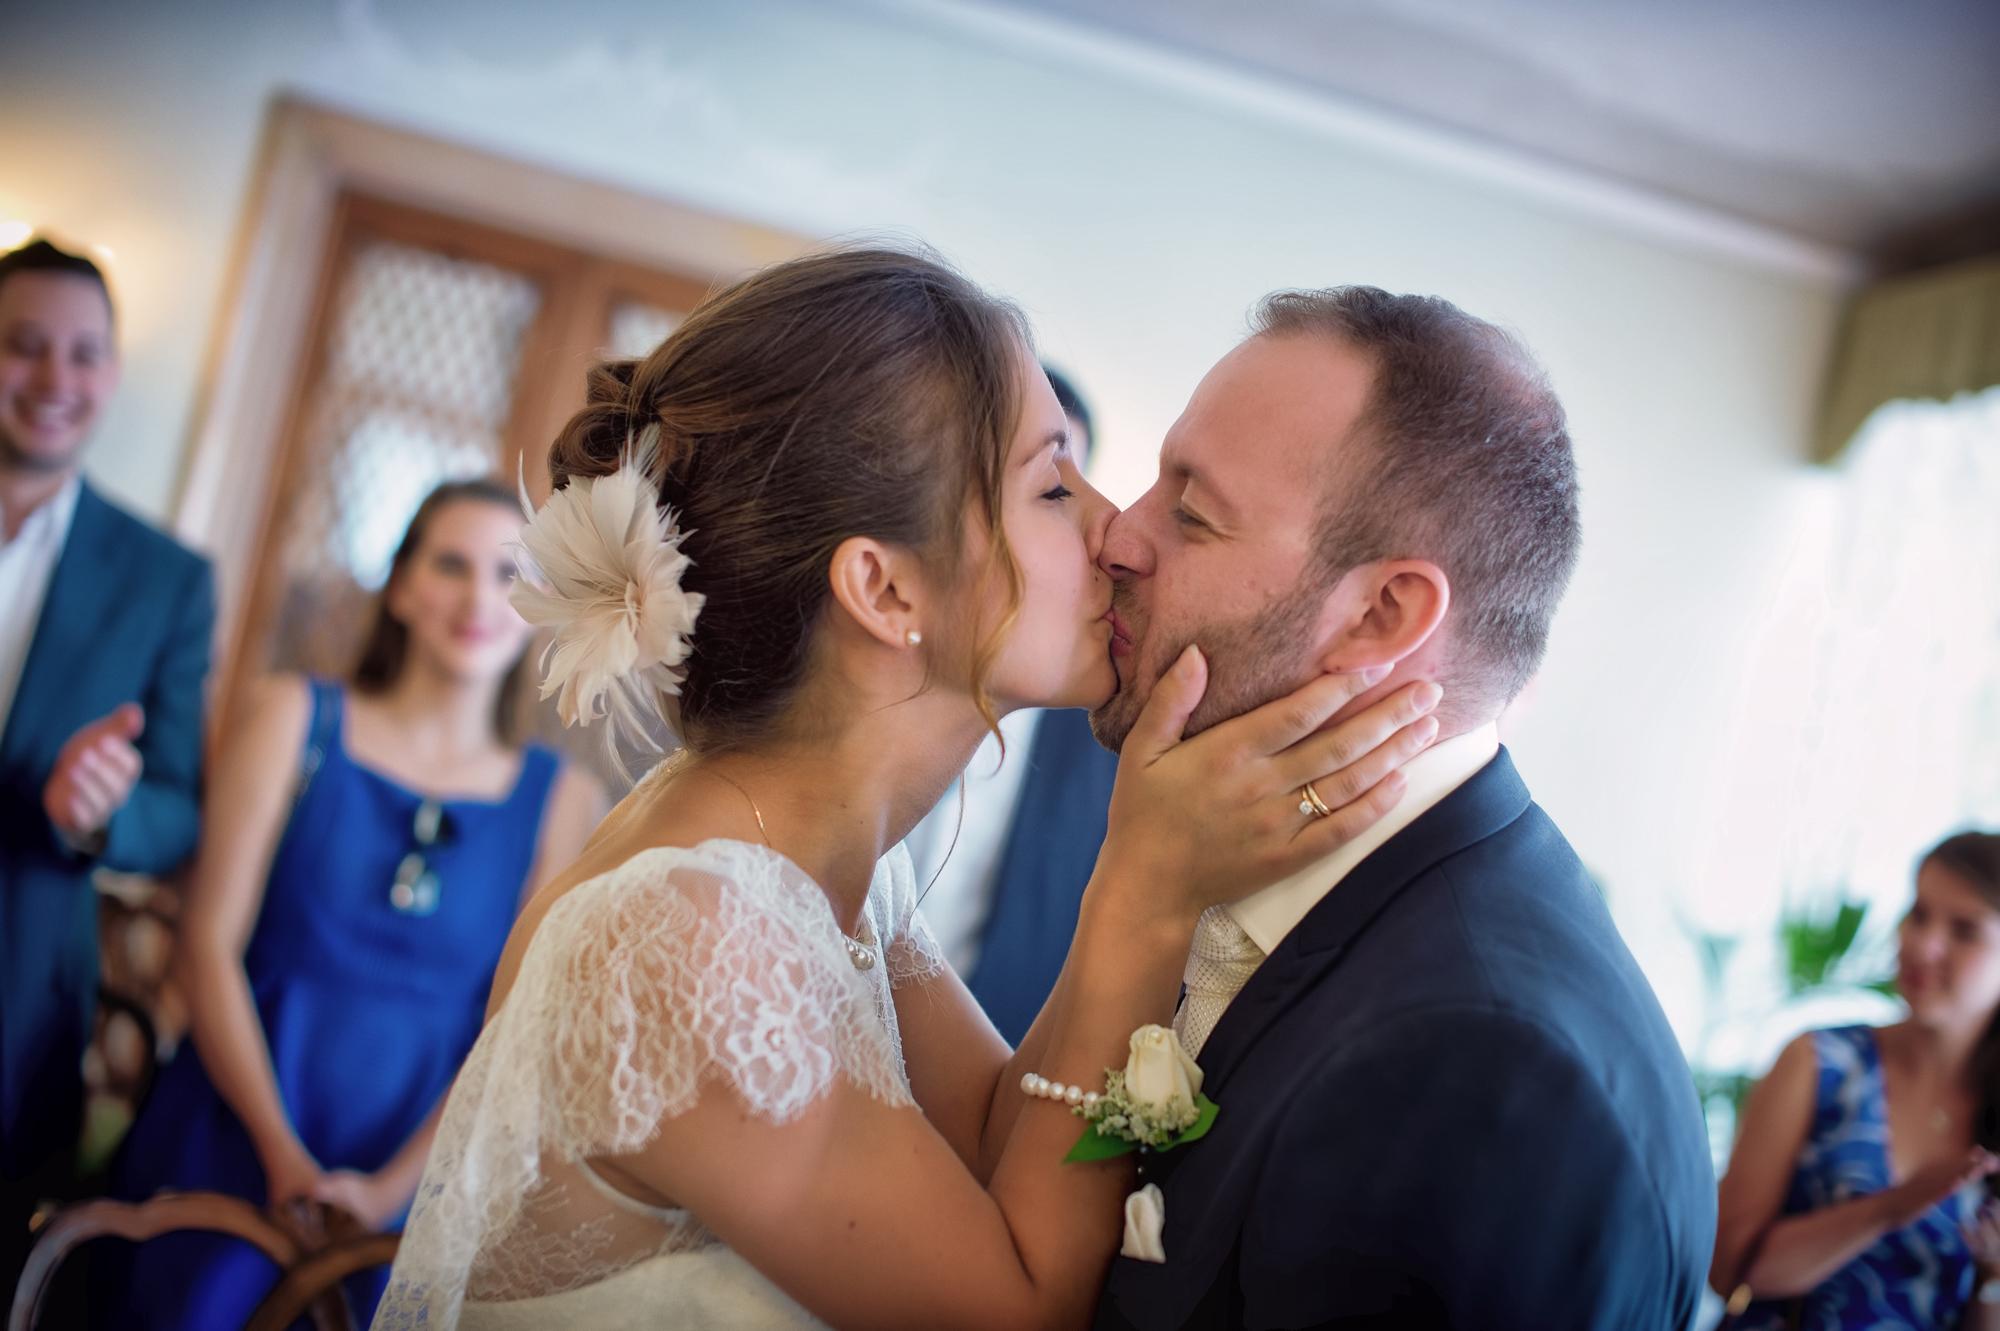 Photographie de mariage venise photographe italie laure jacquemin (35)